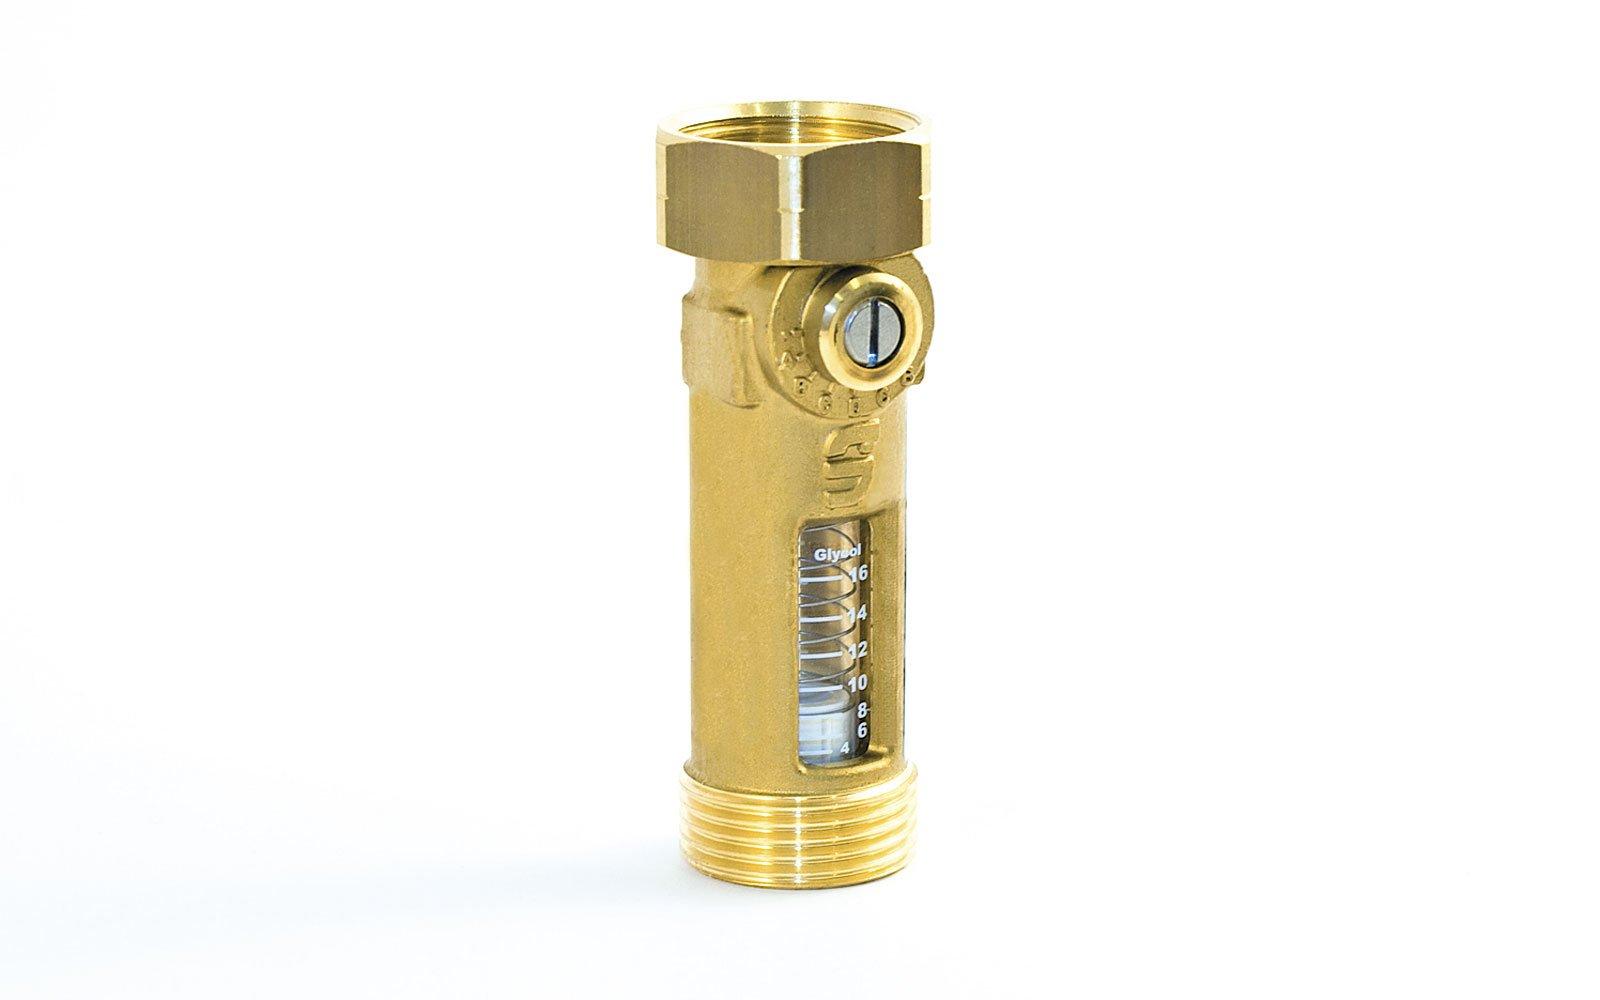 Fot. Sprawdzony zawór równoważący TacoSetter Inline 130 pozwala na regulację natężenia przepływu w l/min. Proces jest łatwy do kontrolowania dzięki pływakowi i szkiełku ze skalą. Odporność na temperaturę do 130 °C umożliwia zastosowanie zaworu w instalacjach solarno-termicznych. Dla tego typu instalacji dostępne jest też szkiełko ze skalą do obiegu glikolowego. Kolejna, nowa wersja TacoSetter 130 w wymiarze DN 25 z obustronnym gwintem zewnętrznym, pozwala na zastosowanie produktu przy natężeniu przepływu w przedziale od 20 do 70 l/min.